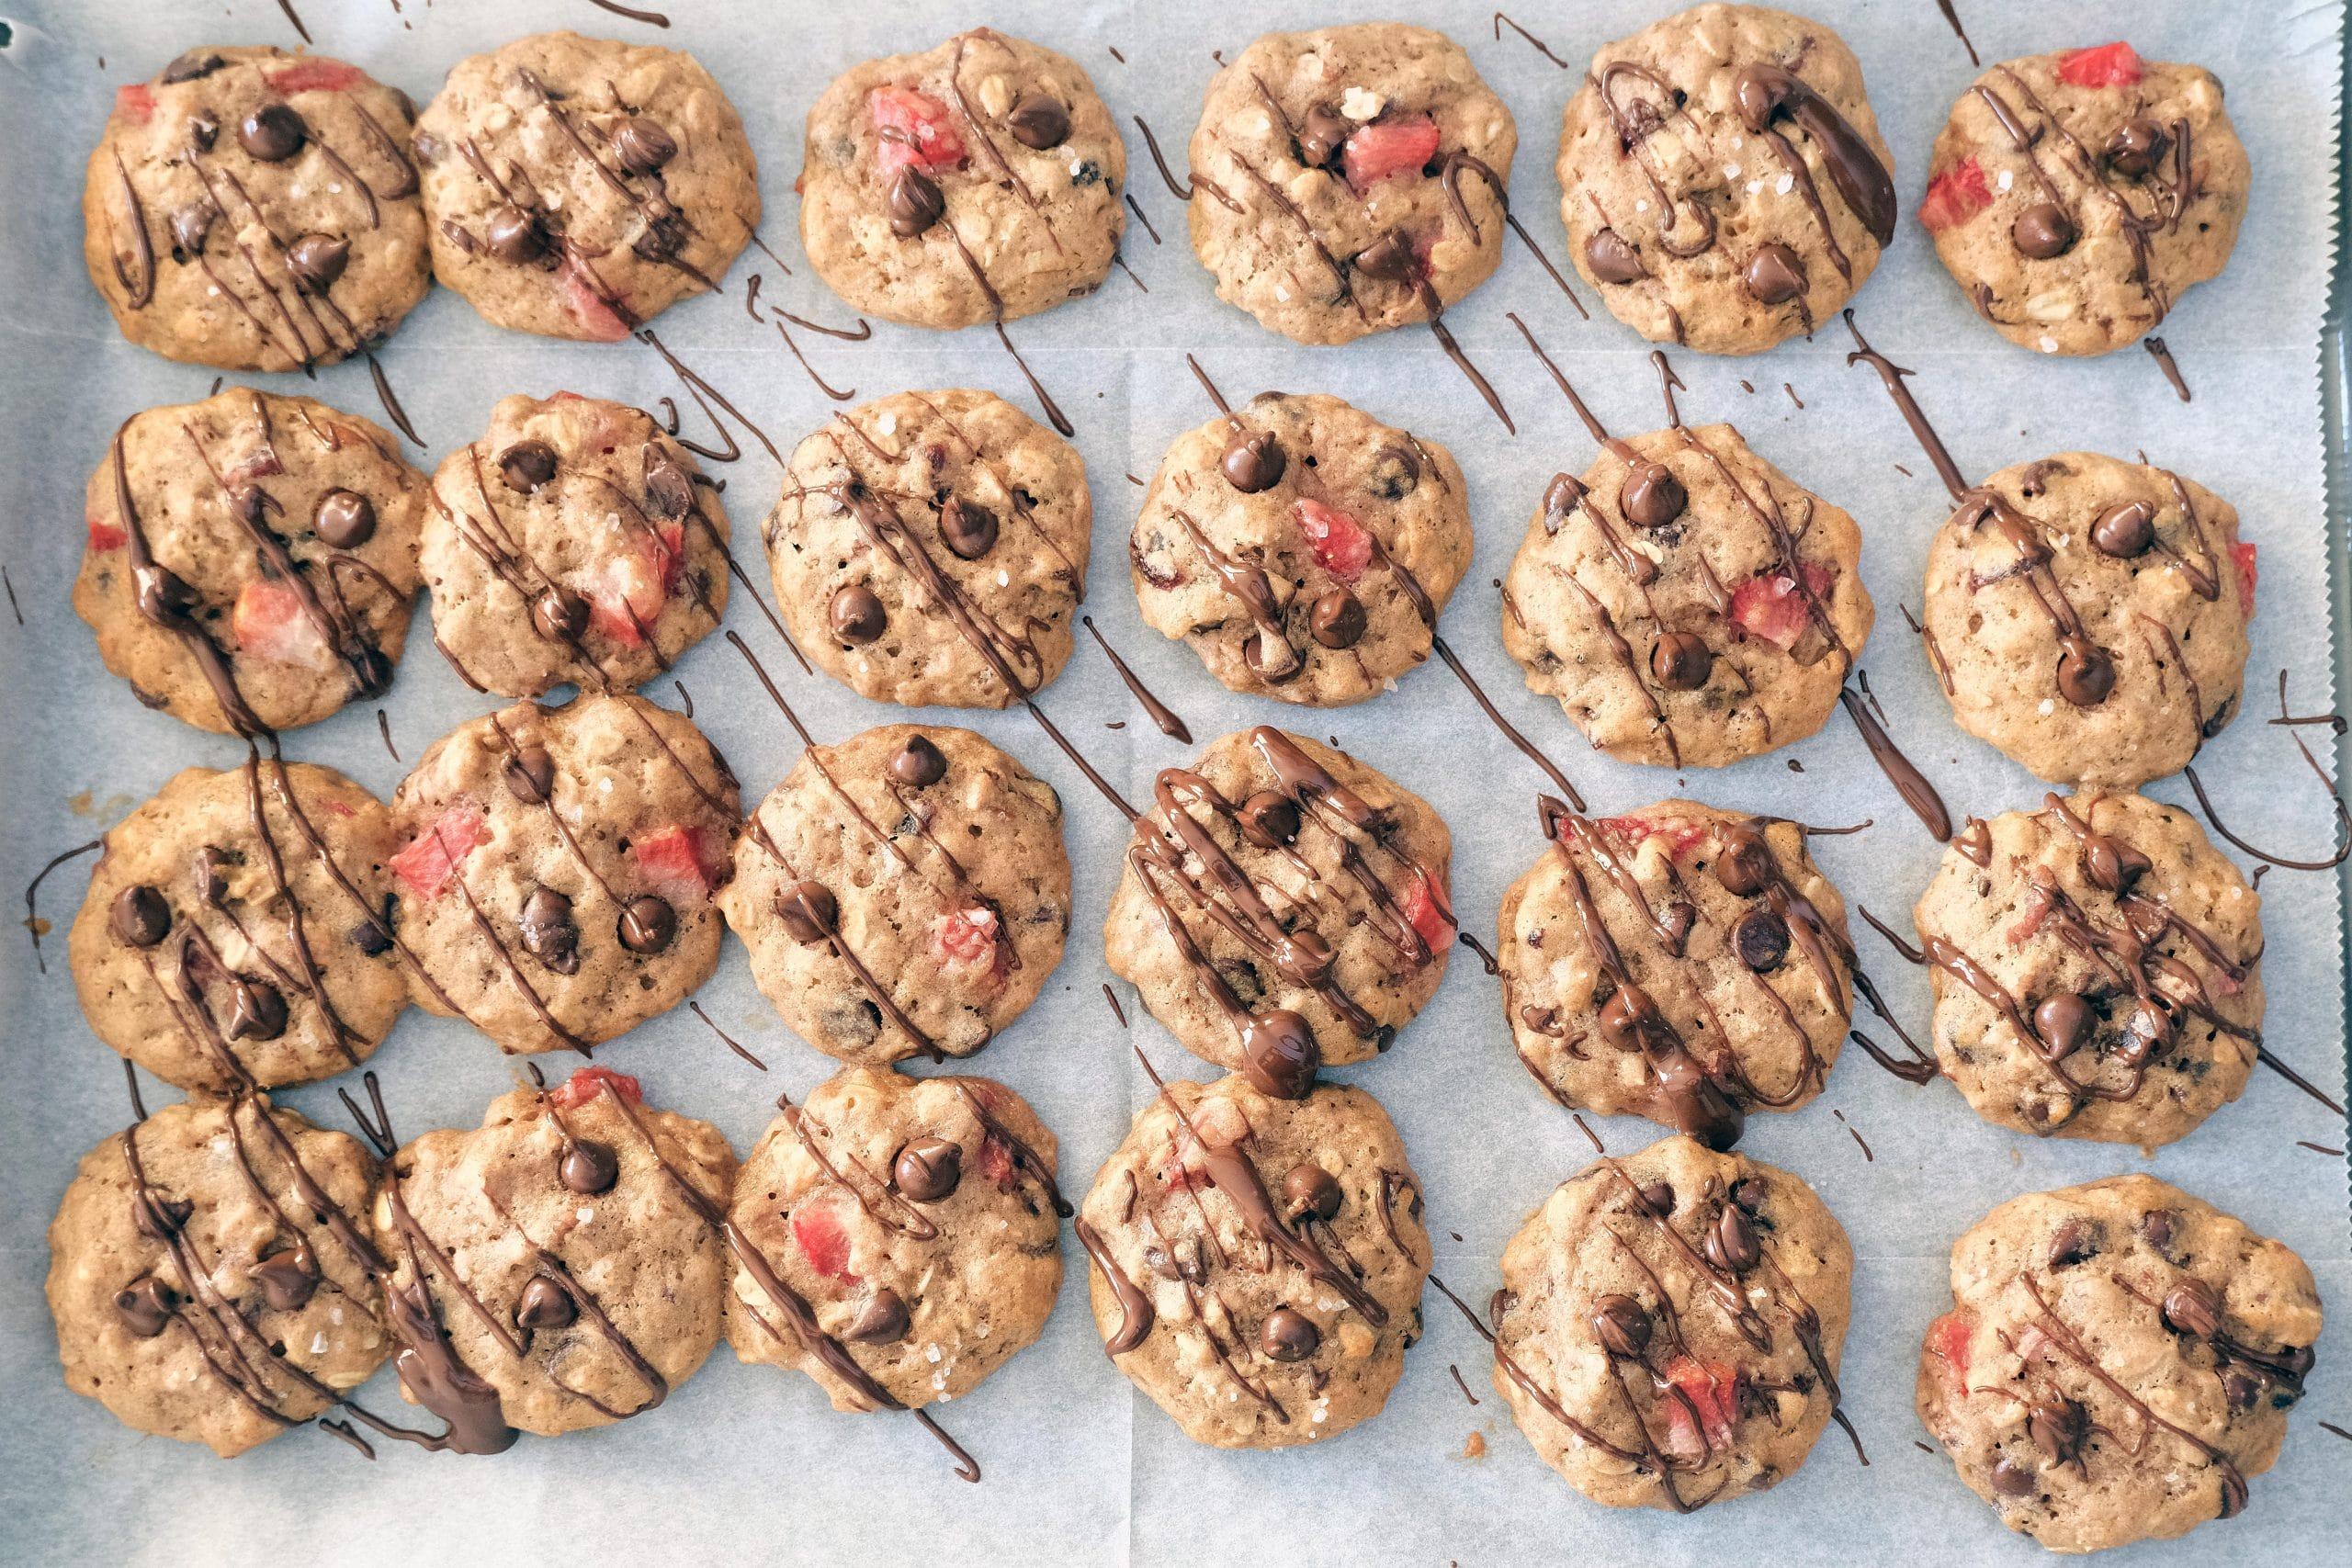 עוגיות שיבולת שועל ושוקולד צ'יפס עם פירות מיובשים ואגוזים